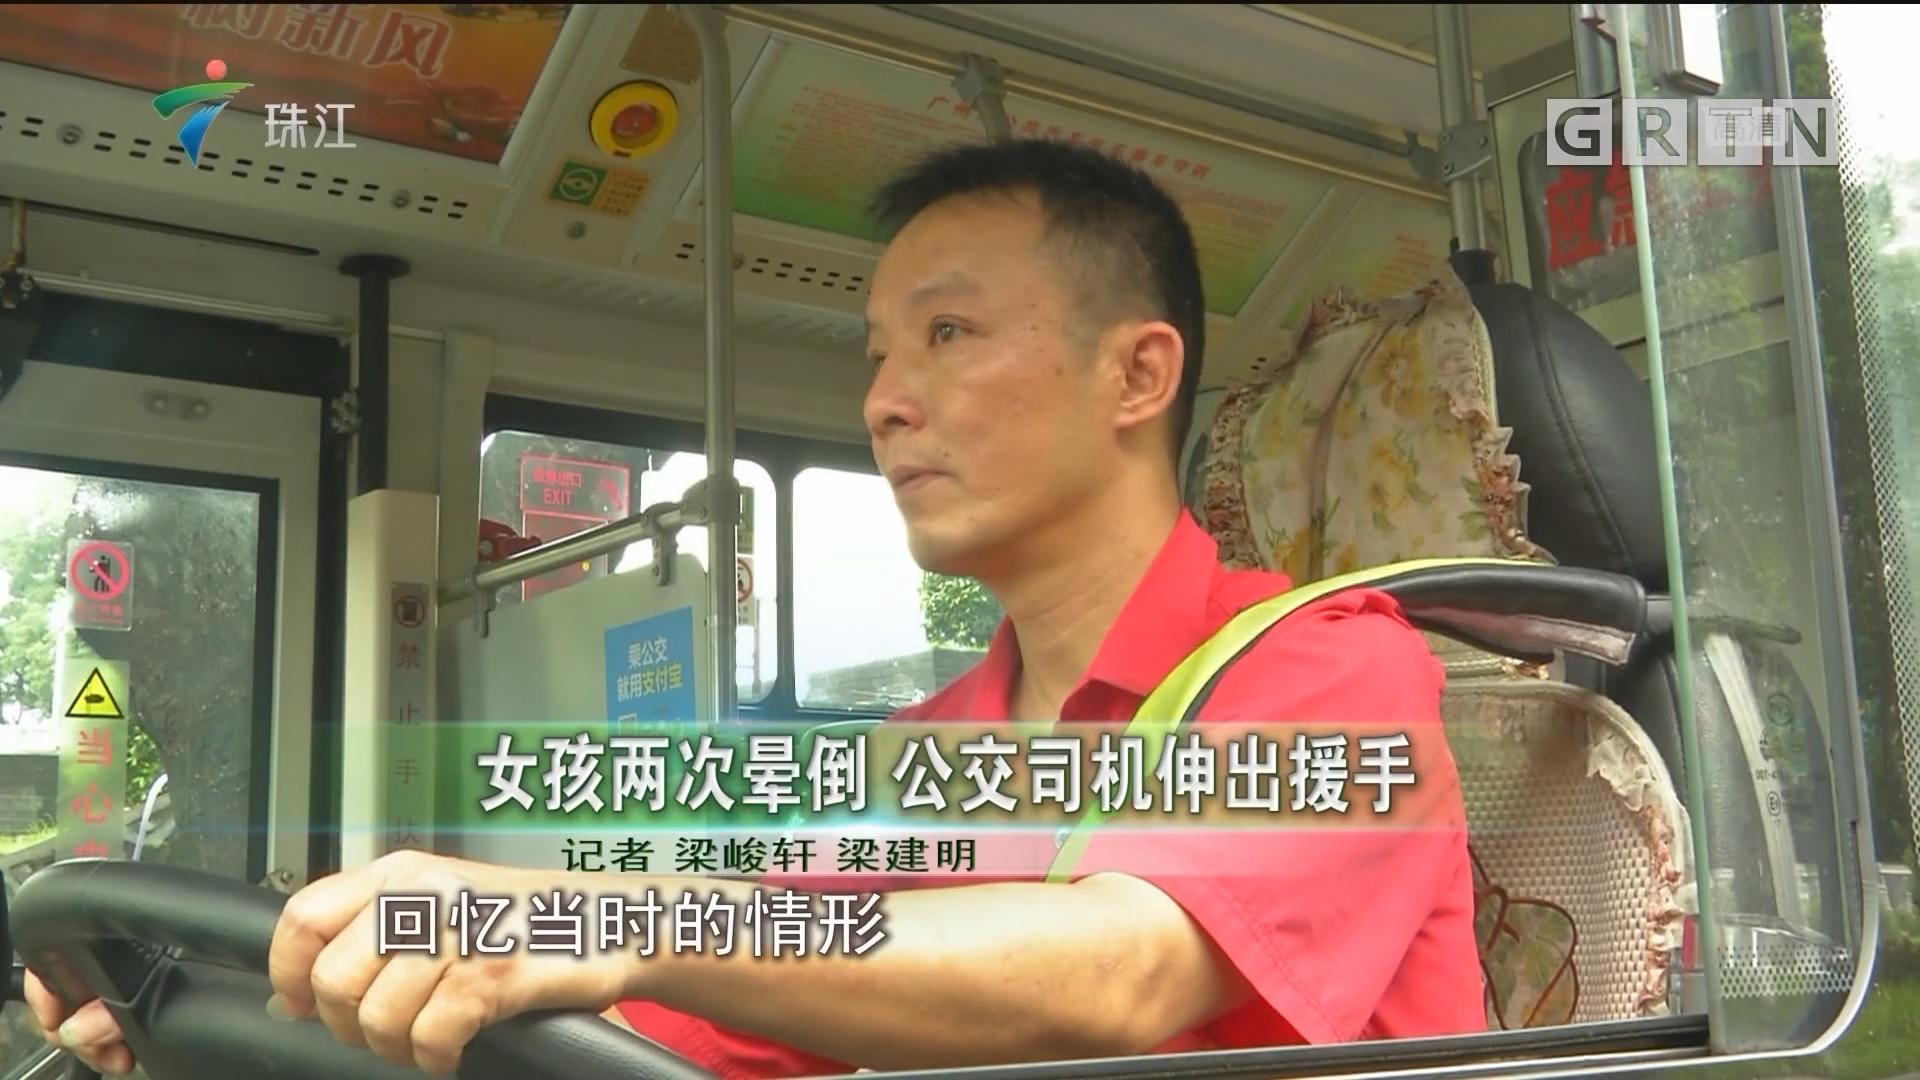 女孩两次晕倒 公交司机伸出援手